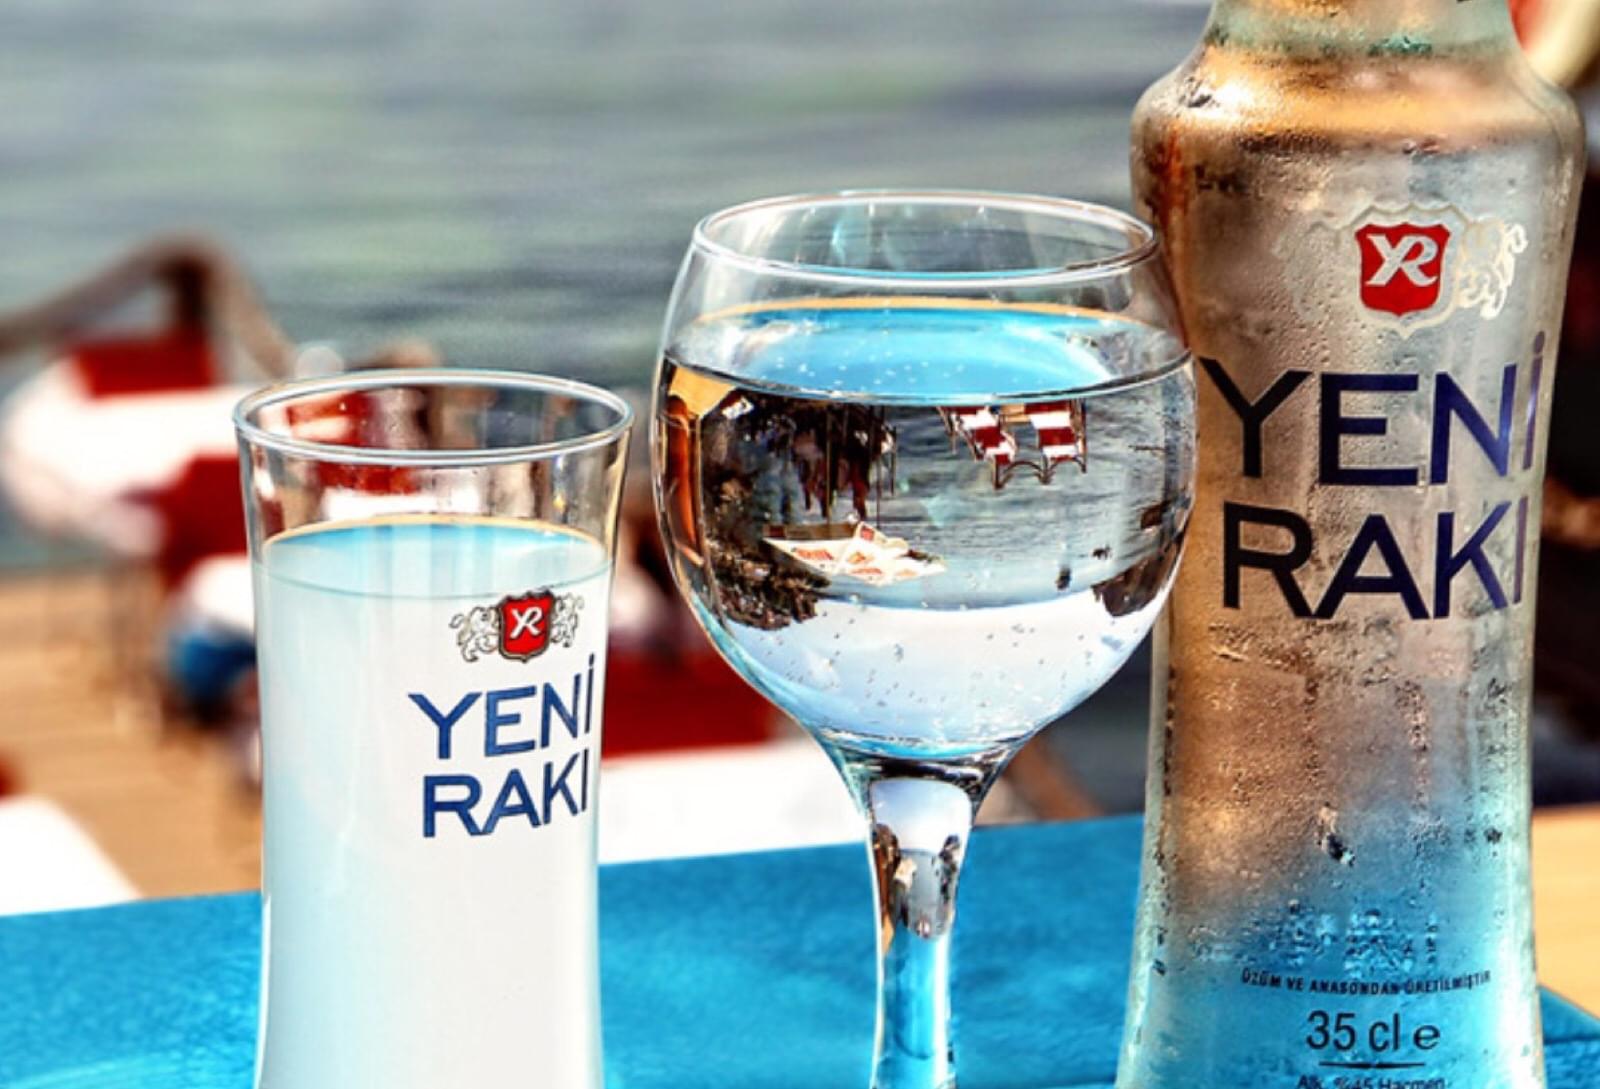 トルコ旅行で必ず飲むべき!日本にない珍しい飲み物6選